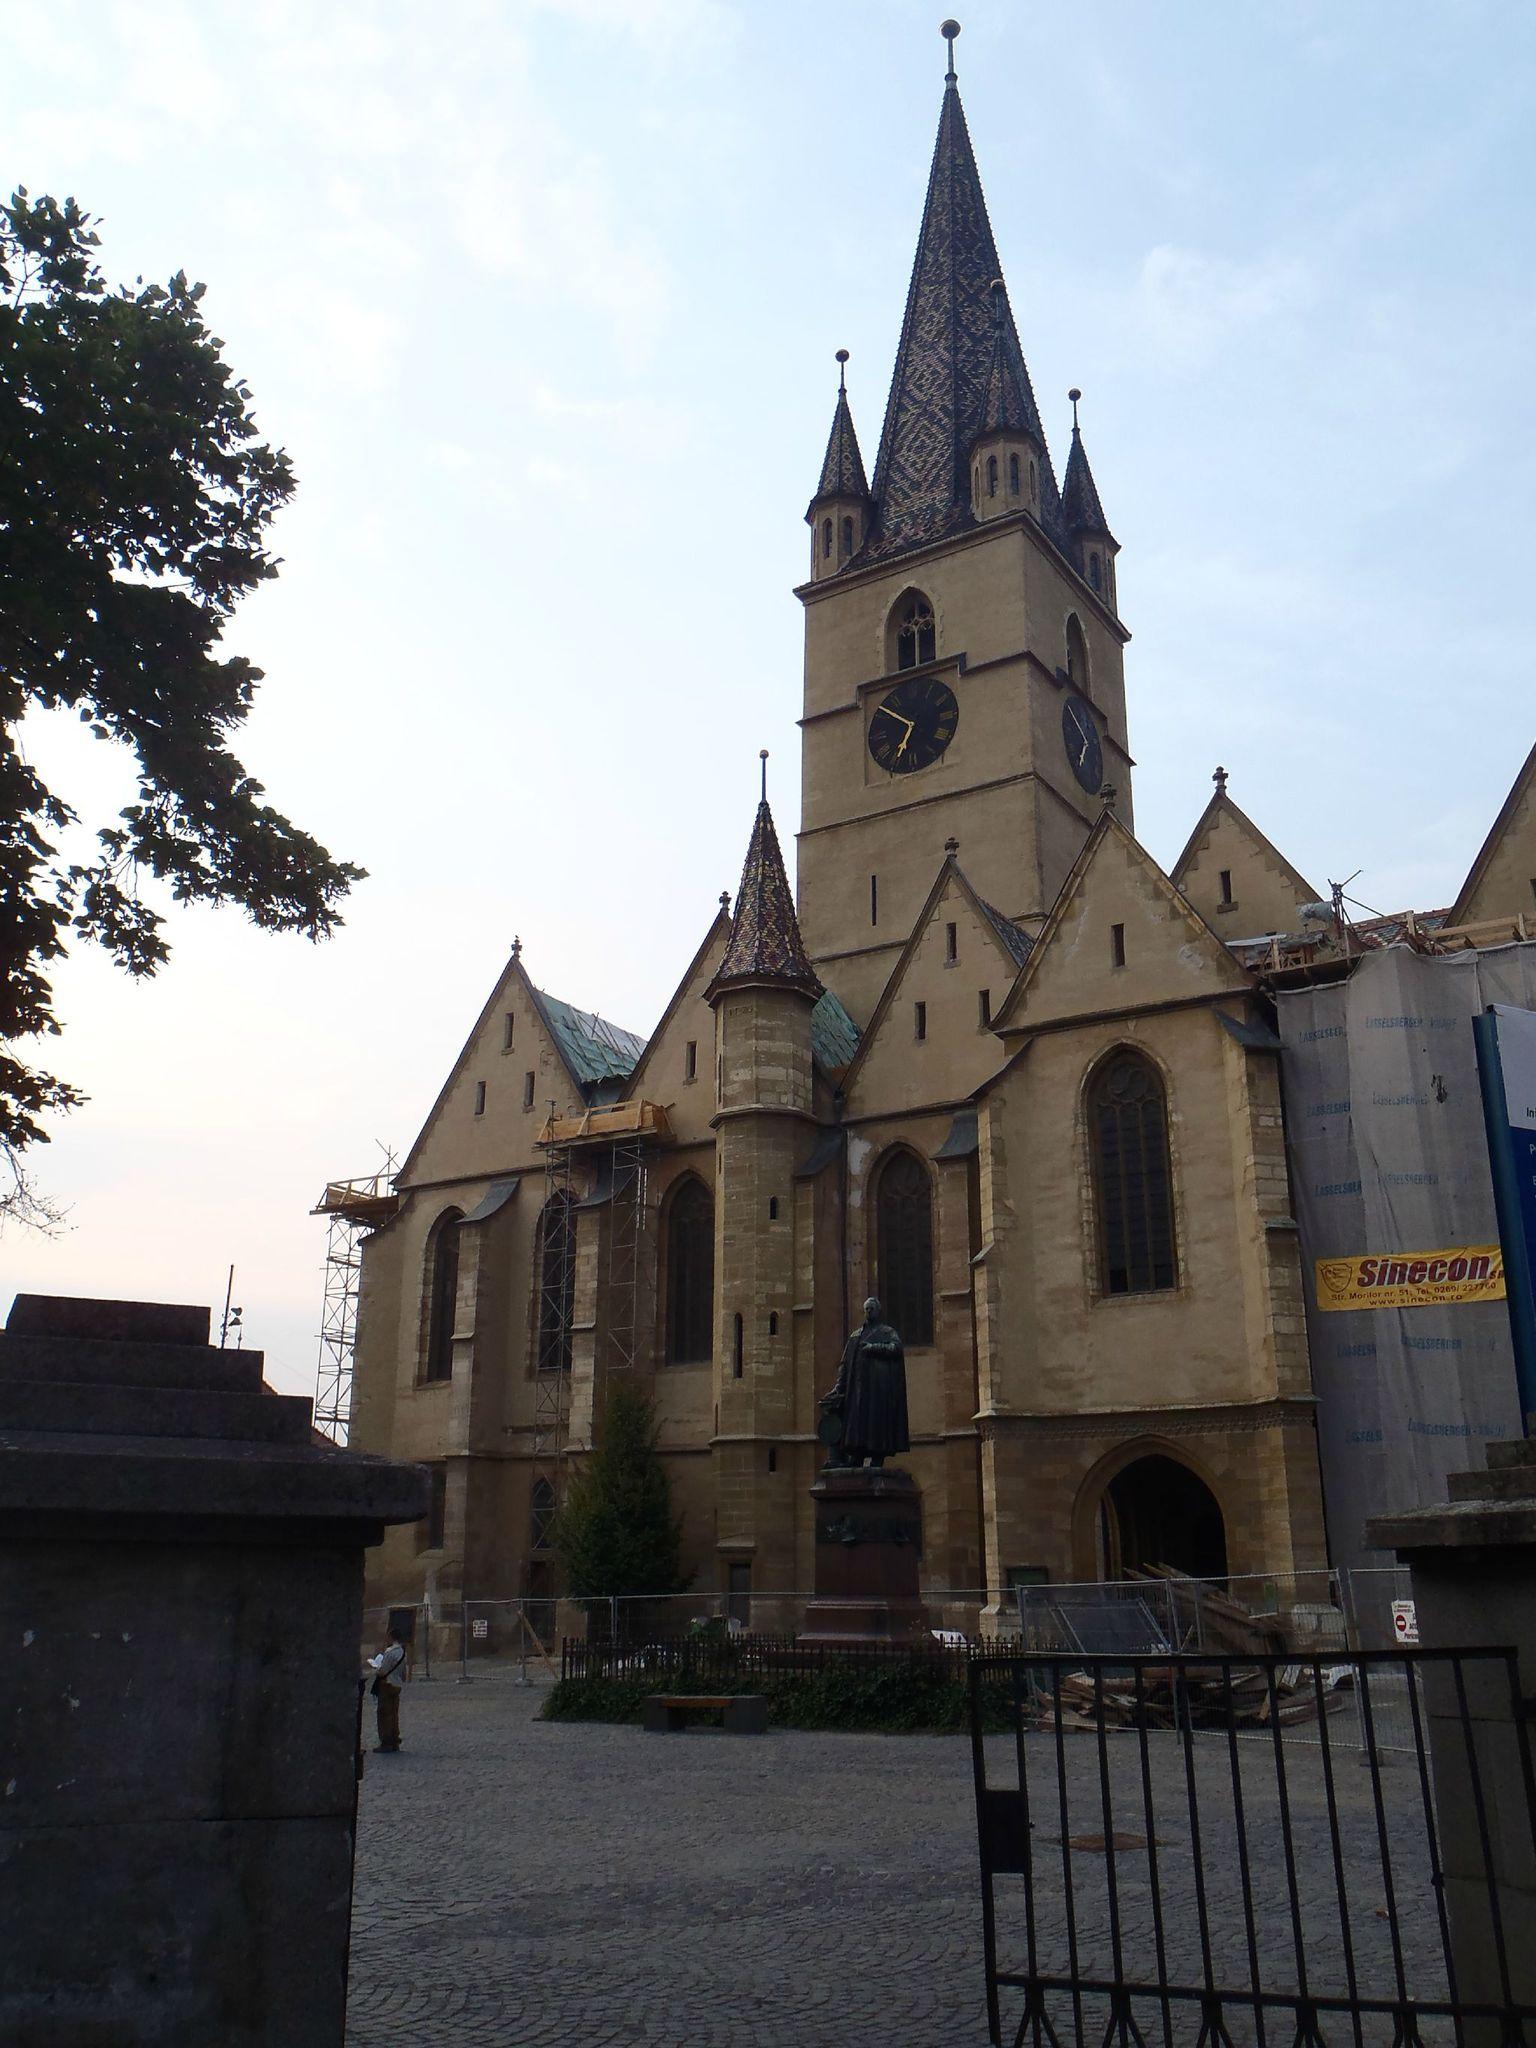 roumanie - sibiu - eglise orthodoxe